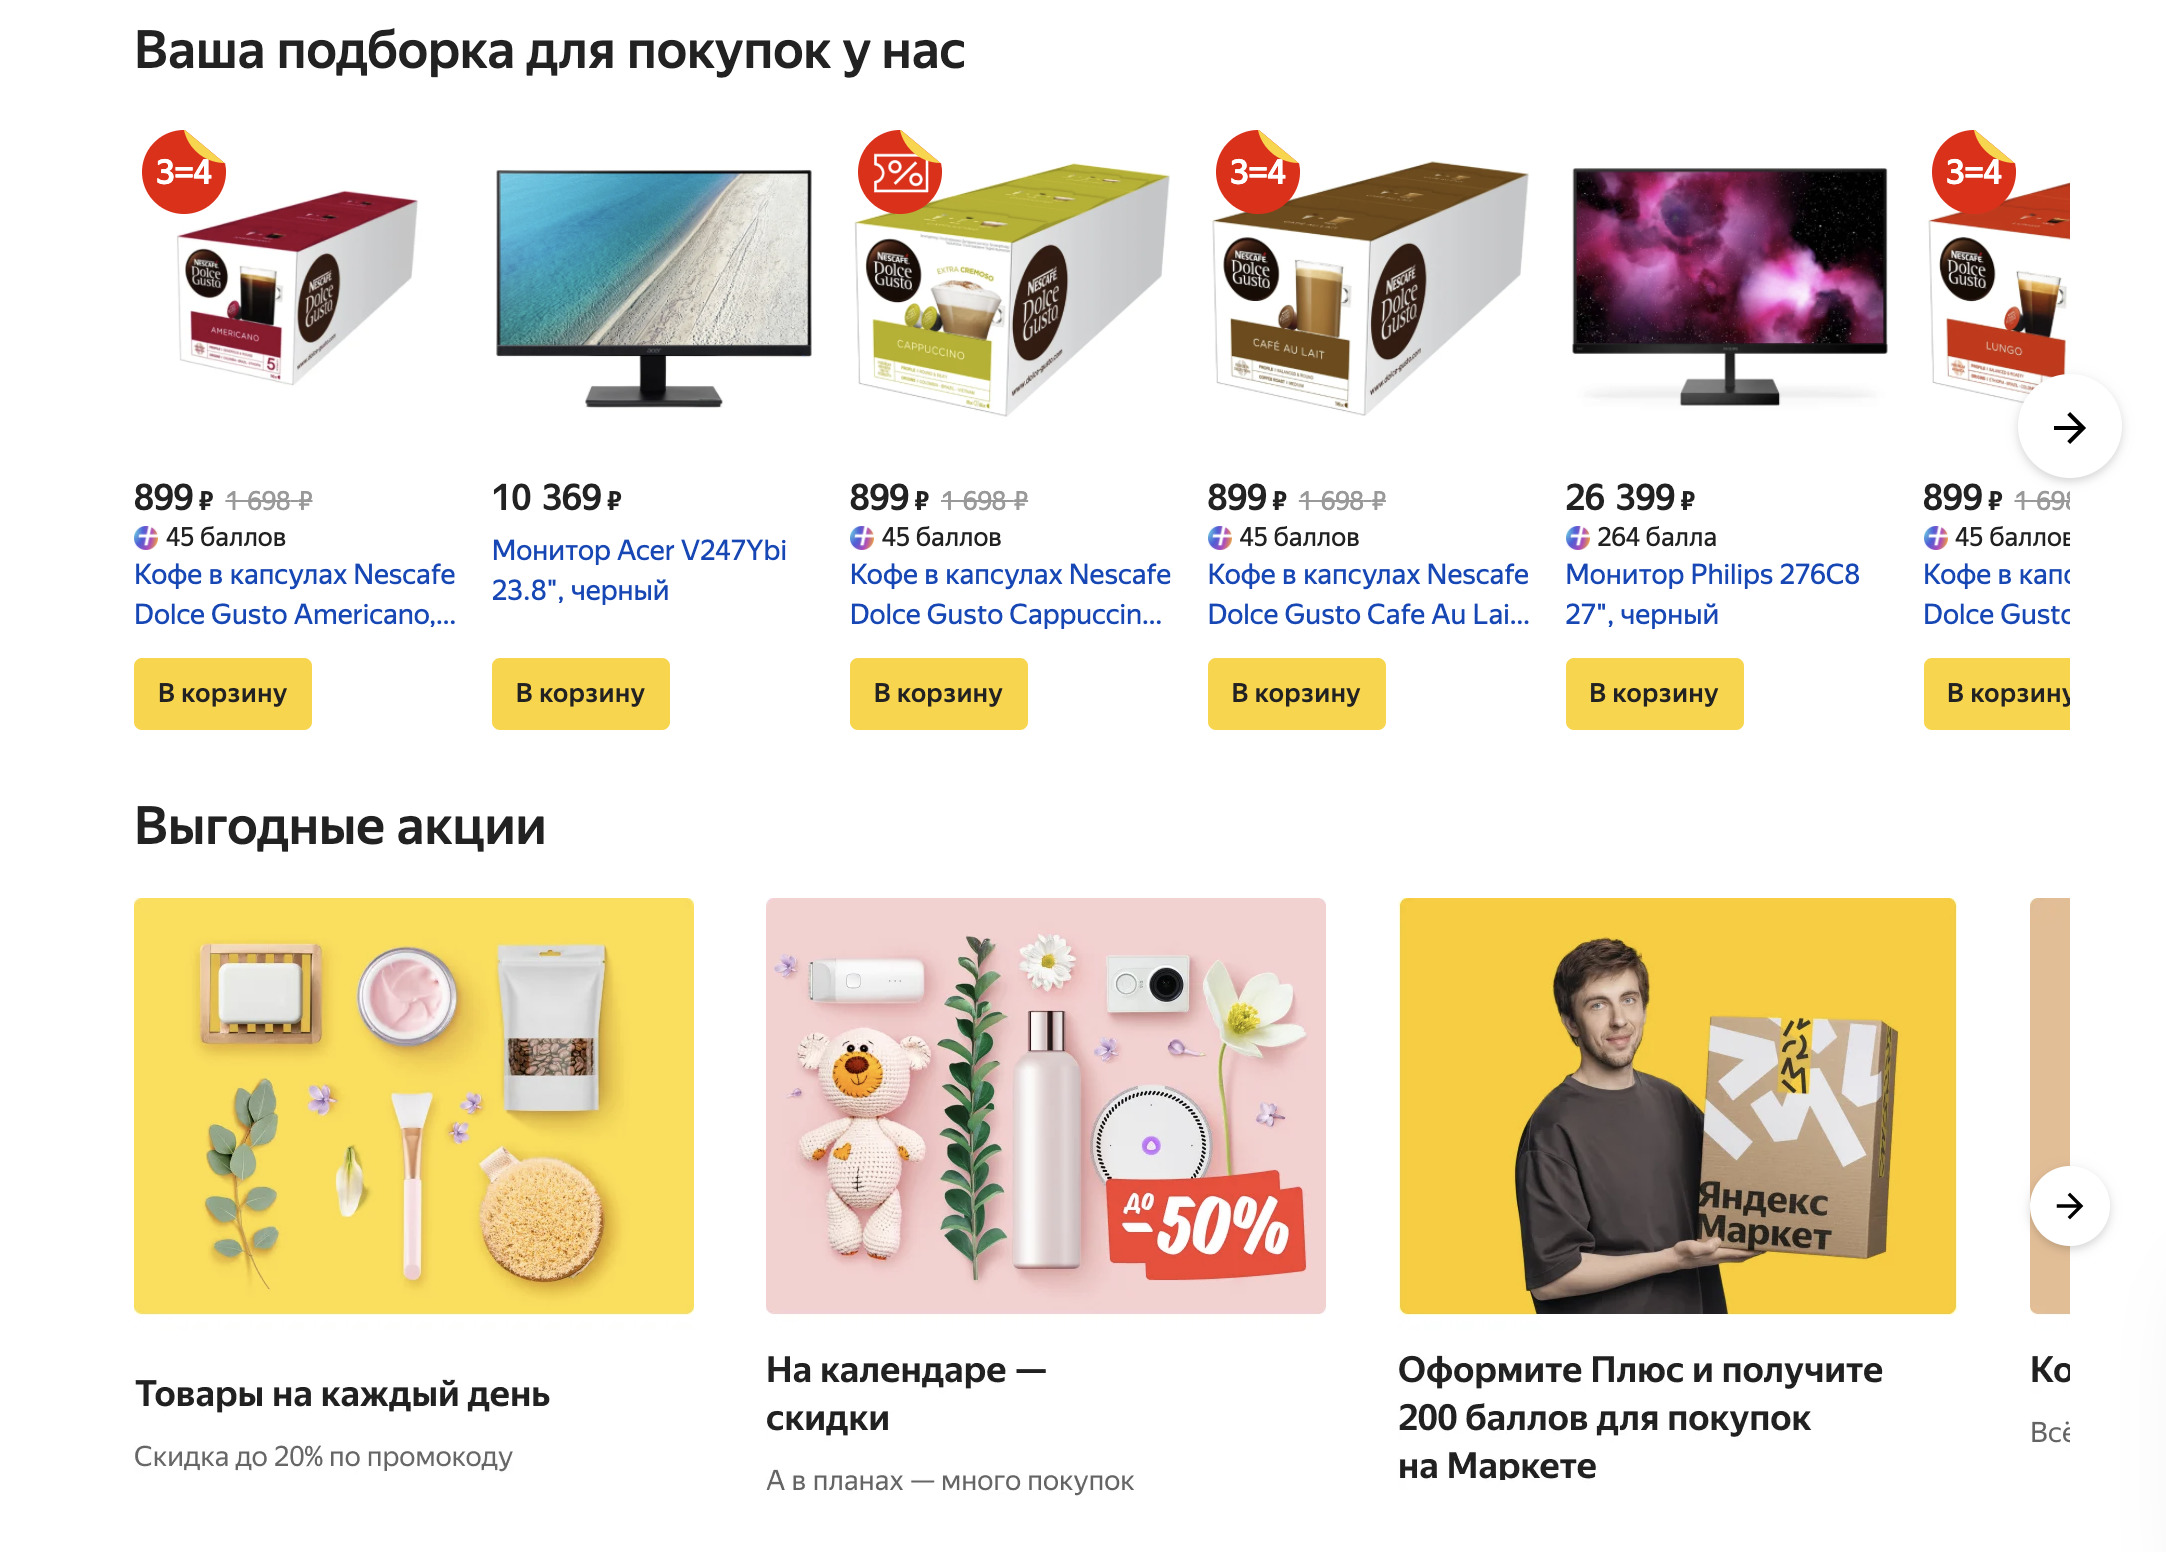 Доставка из Яндекс.Маркет в Астрахань, сроки, пункты выдачи, каталог